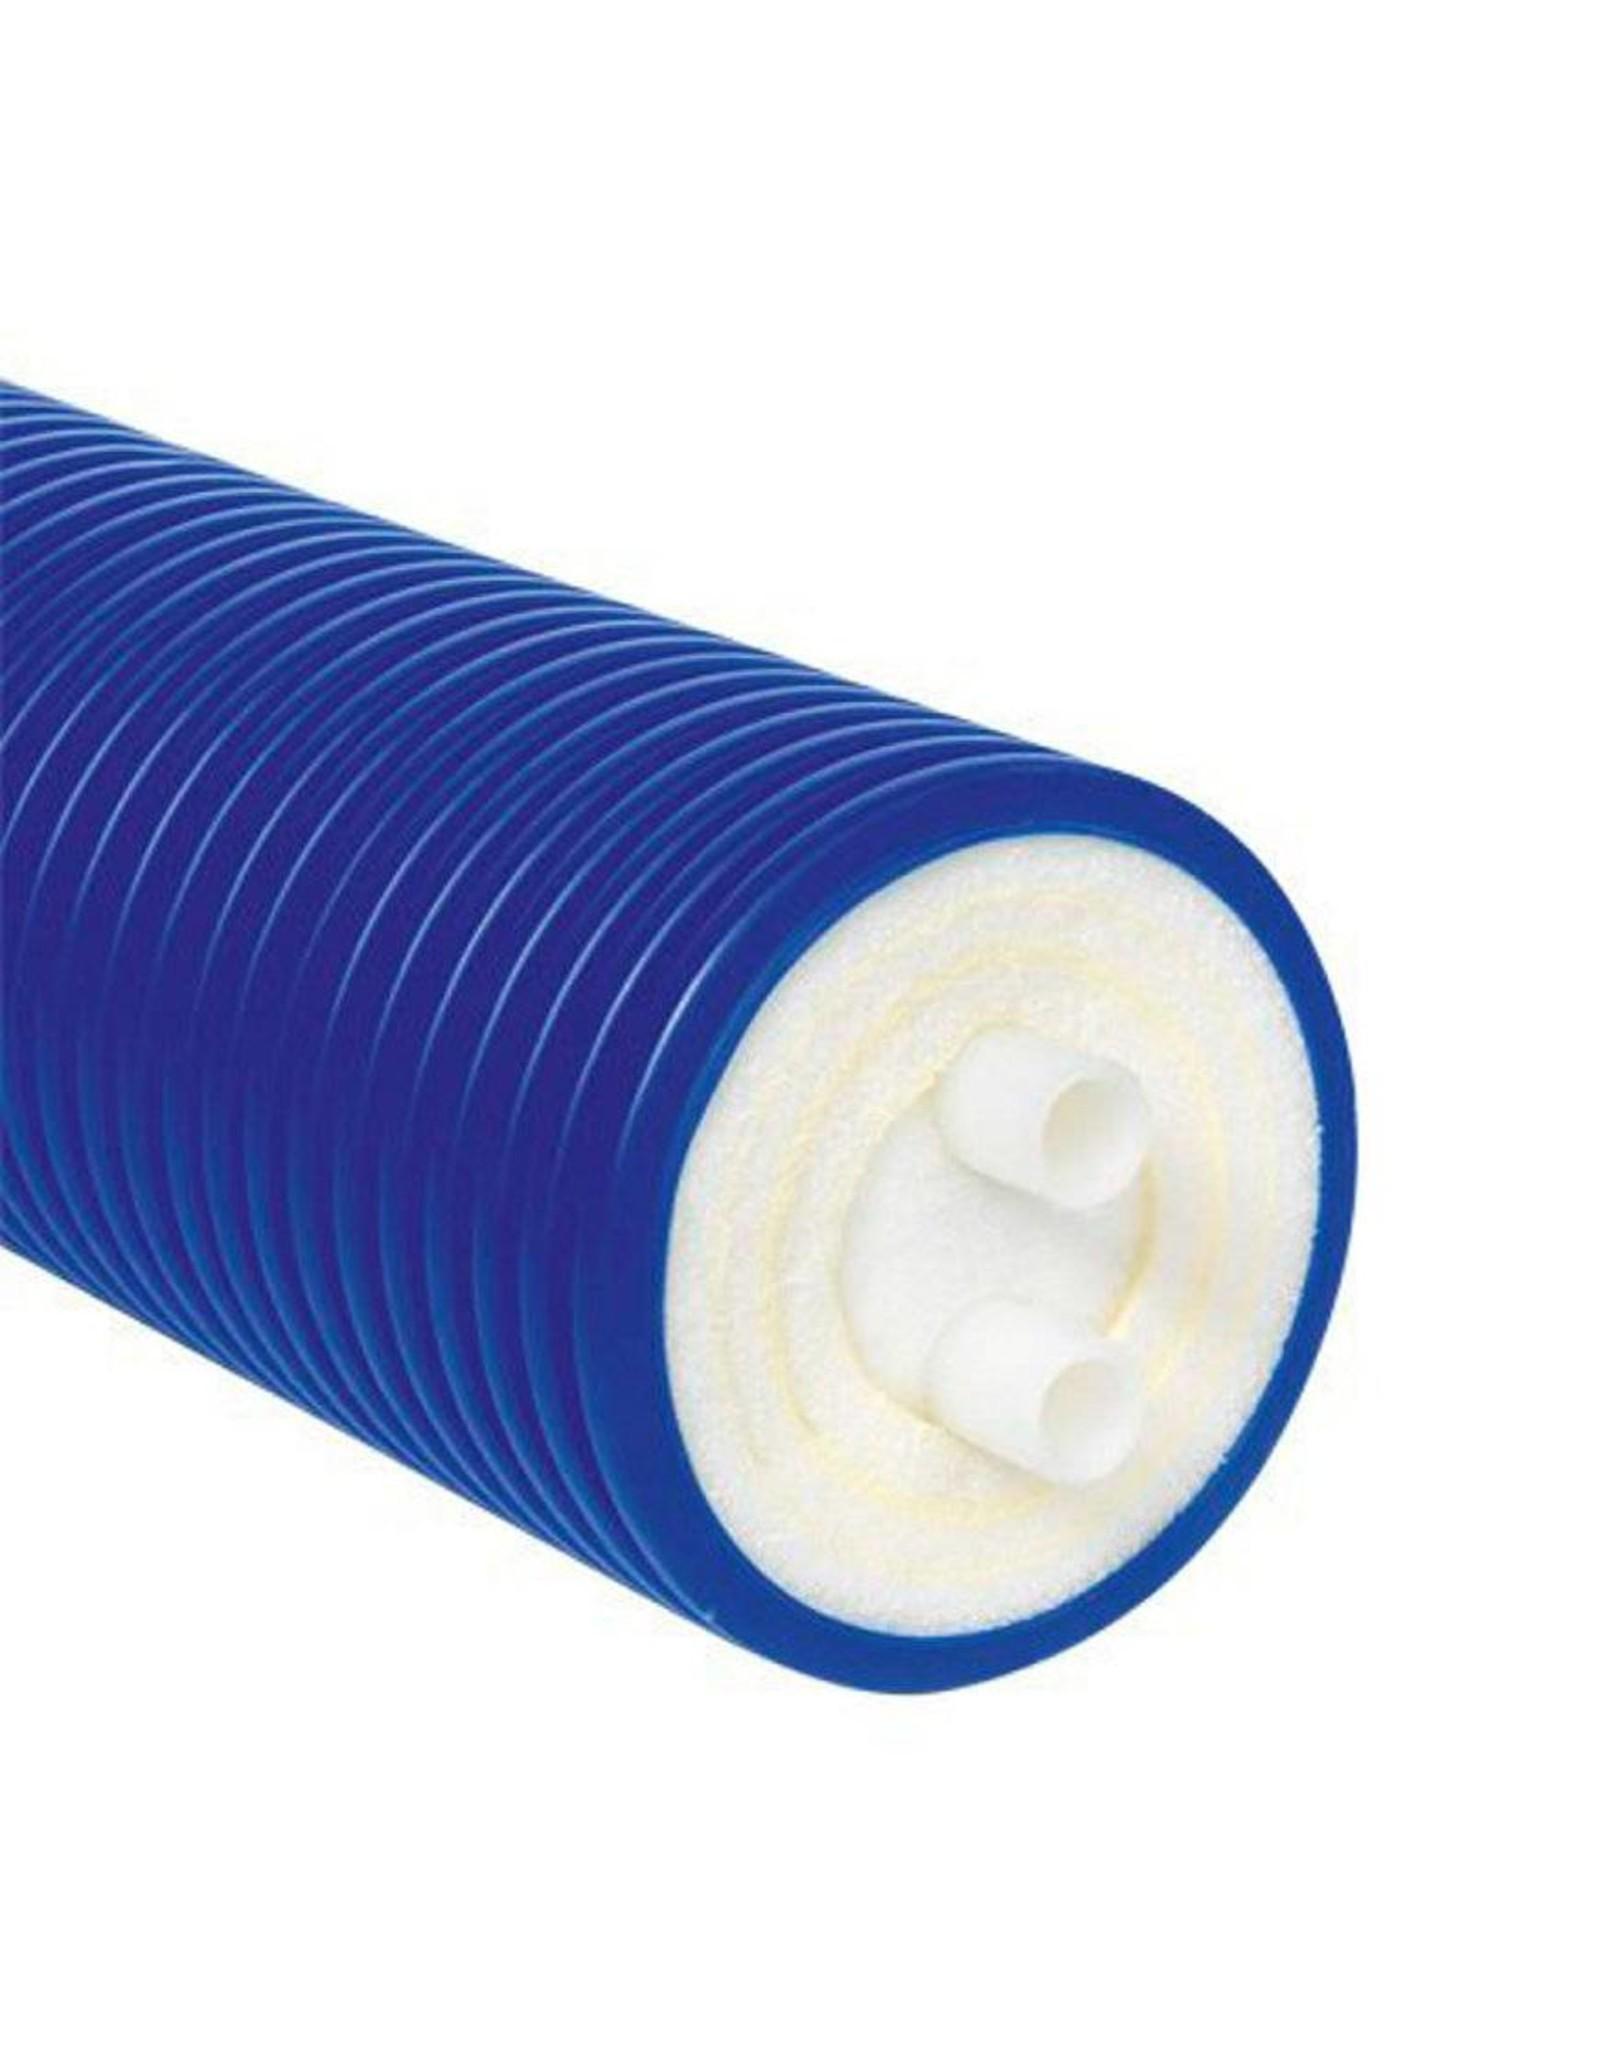 Microflex duo 1 x 32 x 4.4mm + 1 x 25 x 3.5mm prijs per meter